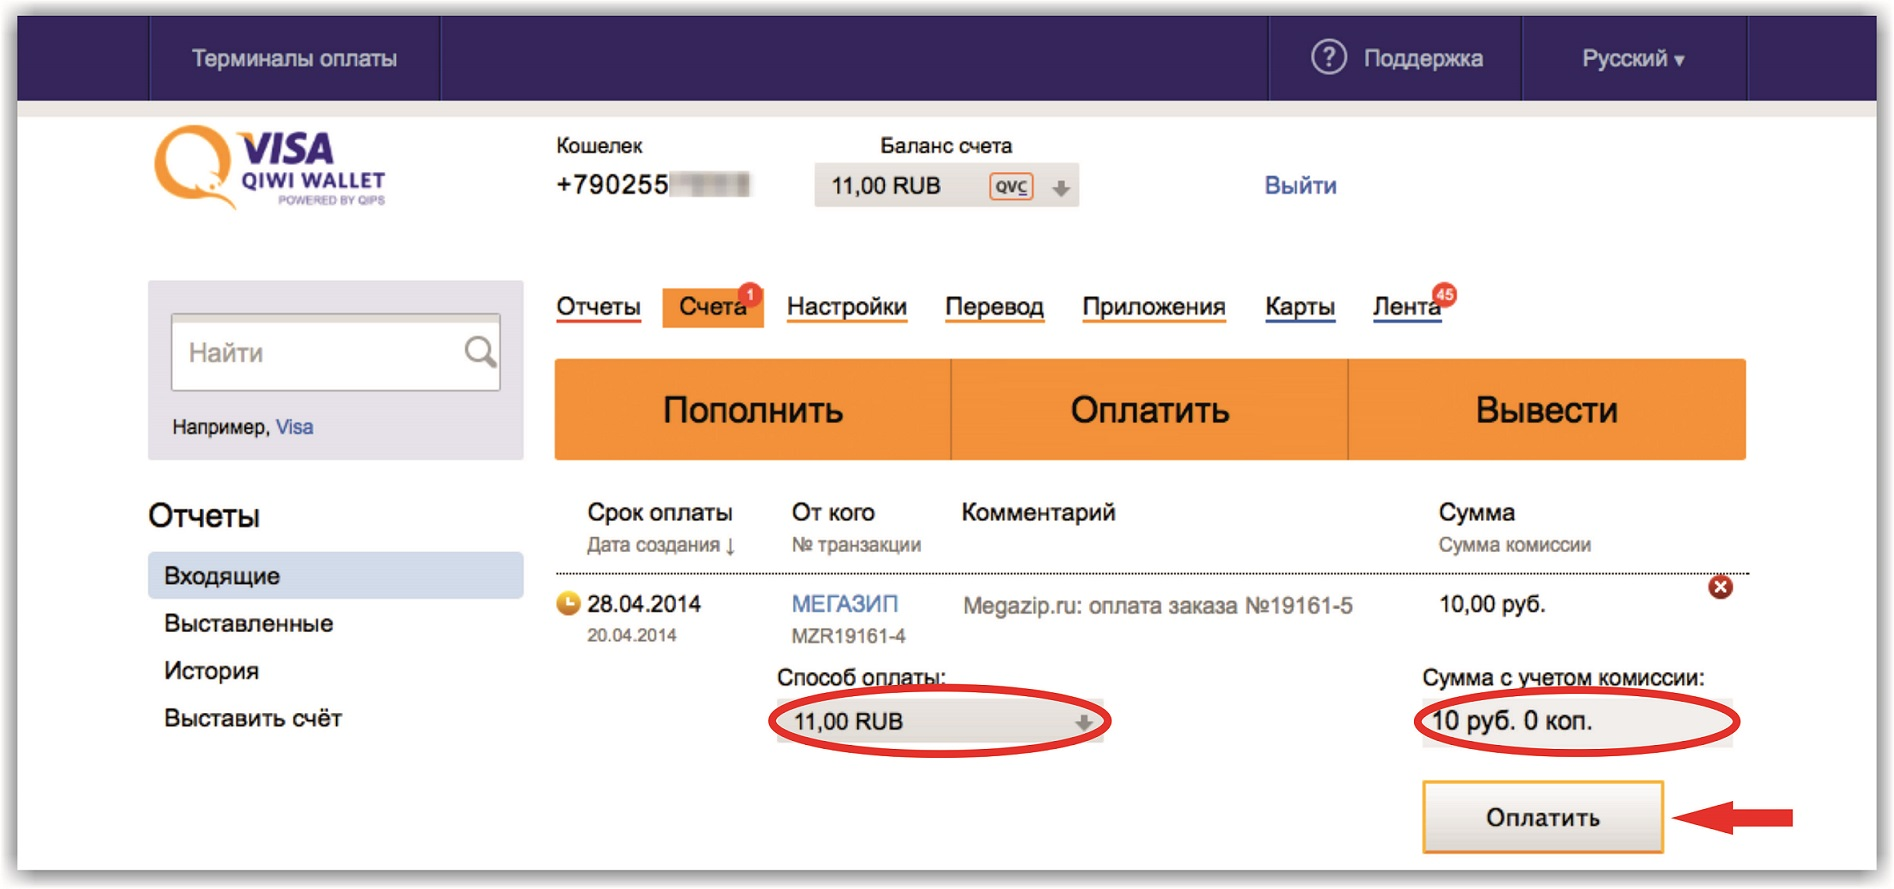 картинка с киви чтоб на счету лежало 1050 рублей нормальными сиськами